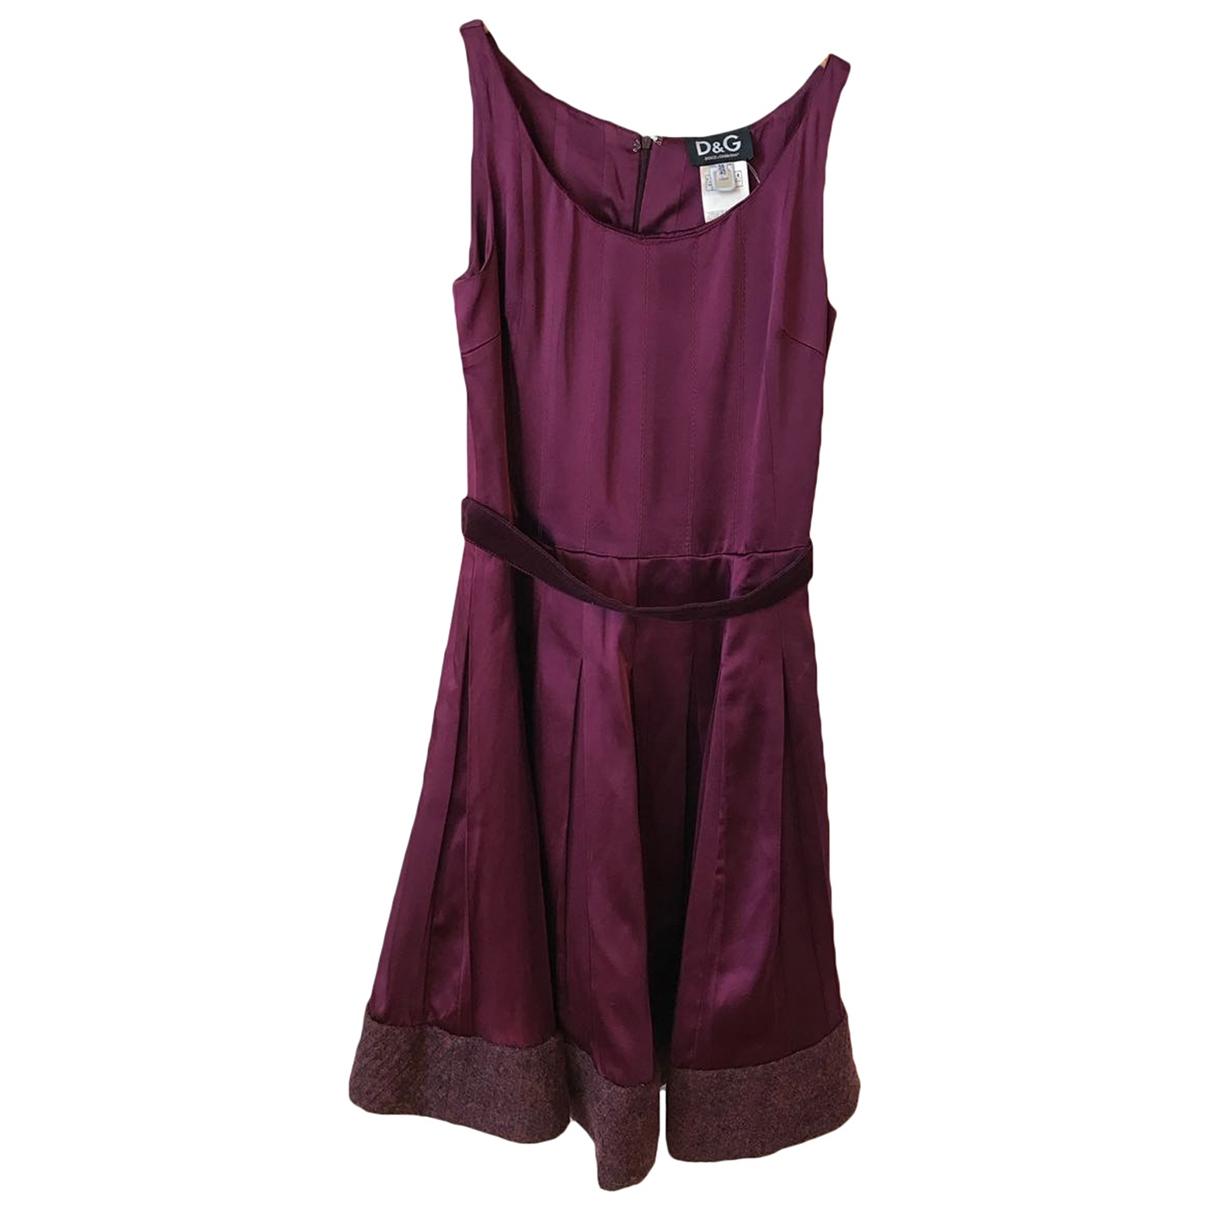 Dolce & Gabbana \N Kleid in  Bordeauxrot Wolle